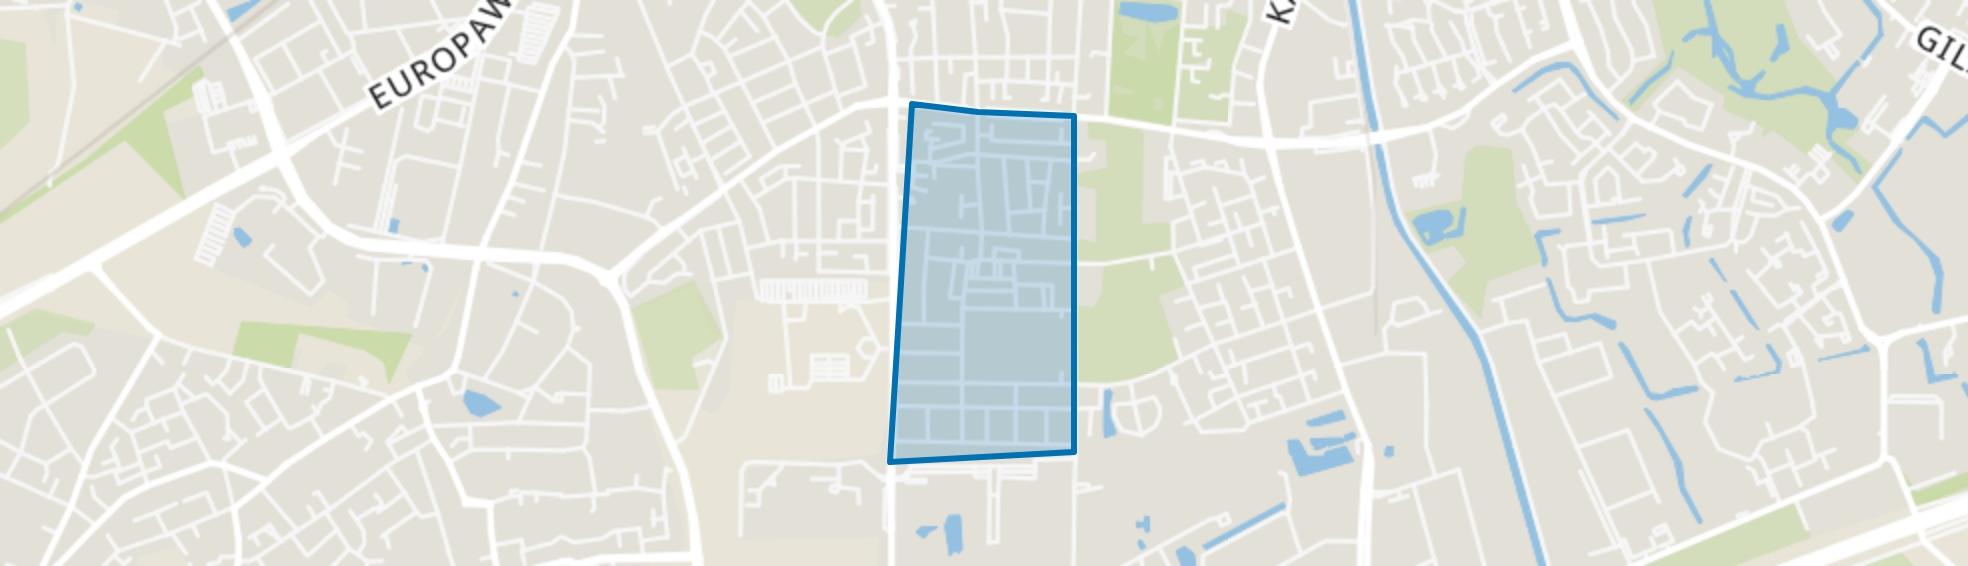 Componistenkwartier, Apeldoorn map